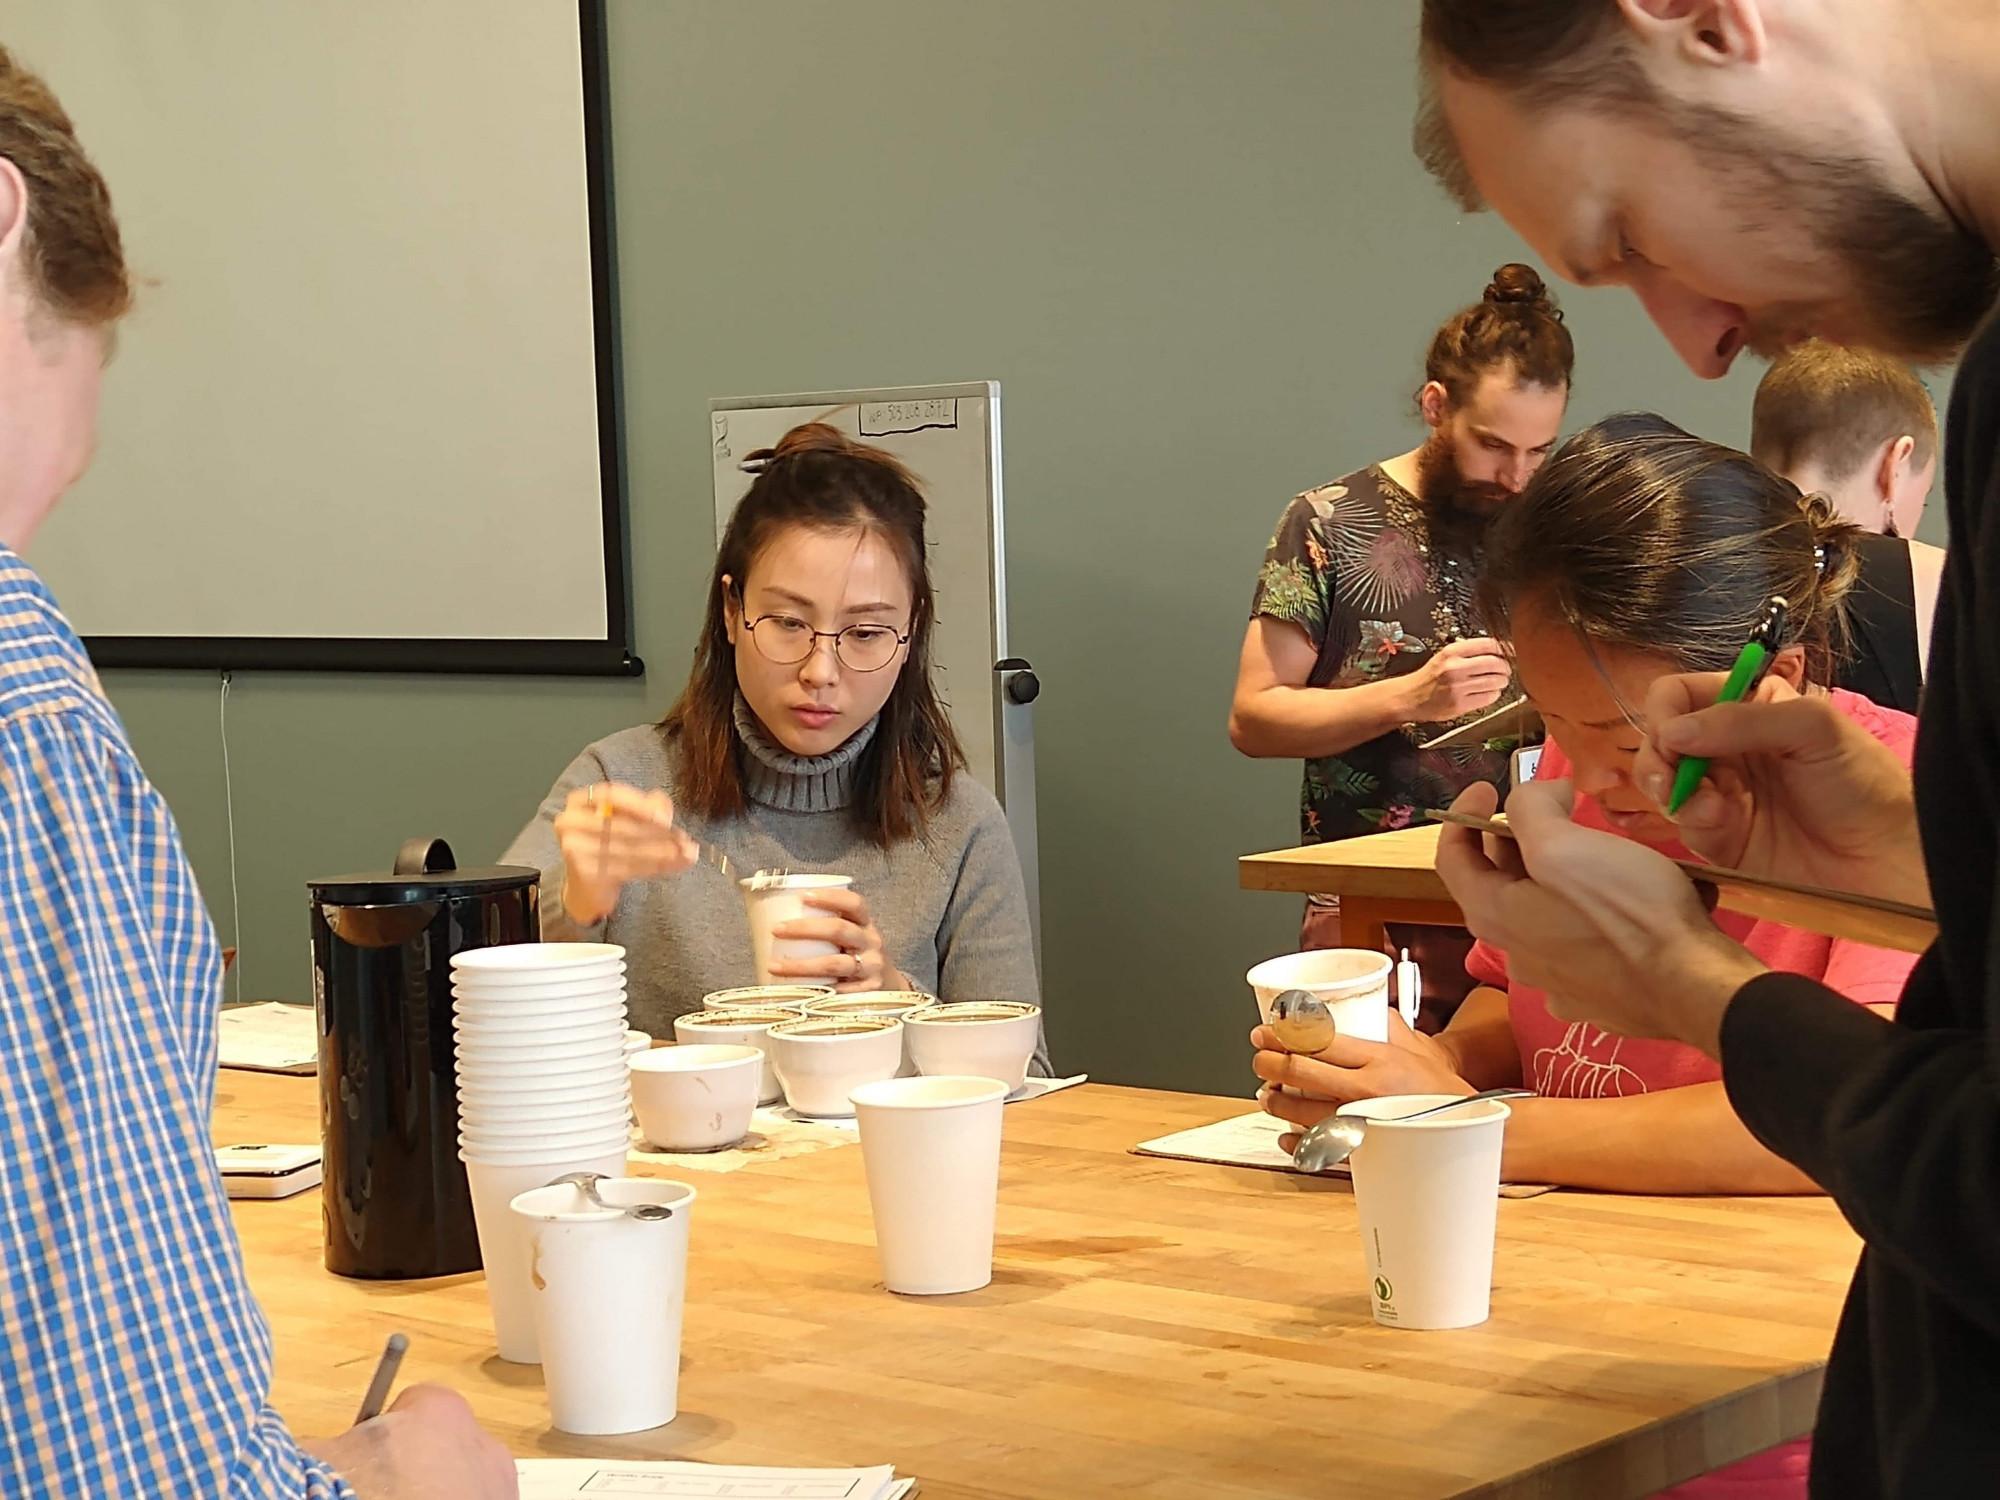 Khuyên trong cuộc thi lấy chứng chỉ quốc tế về thẩm định cà phê (Coffee Quality Grader) tại thành phố Portland, Mỹ. Ảnh: nhân vật cung cấp